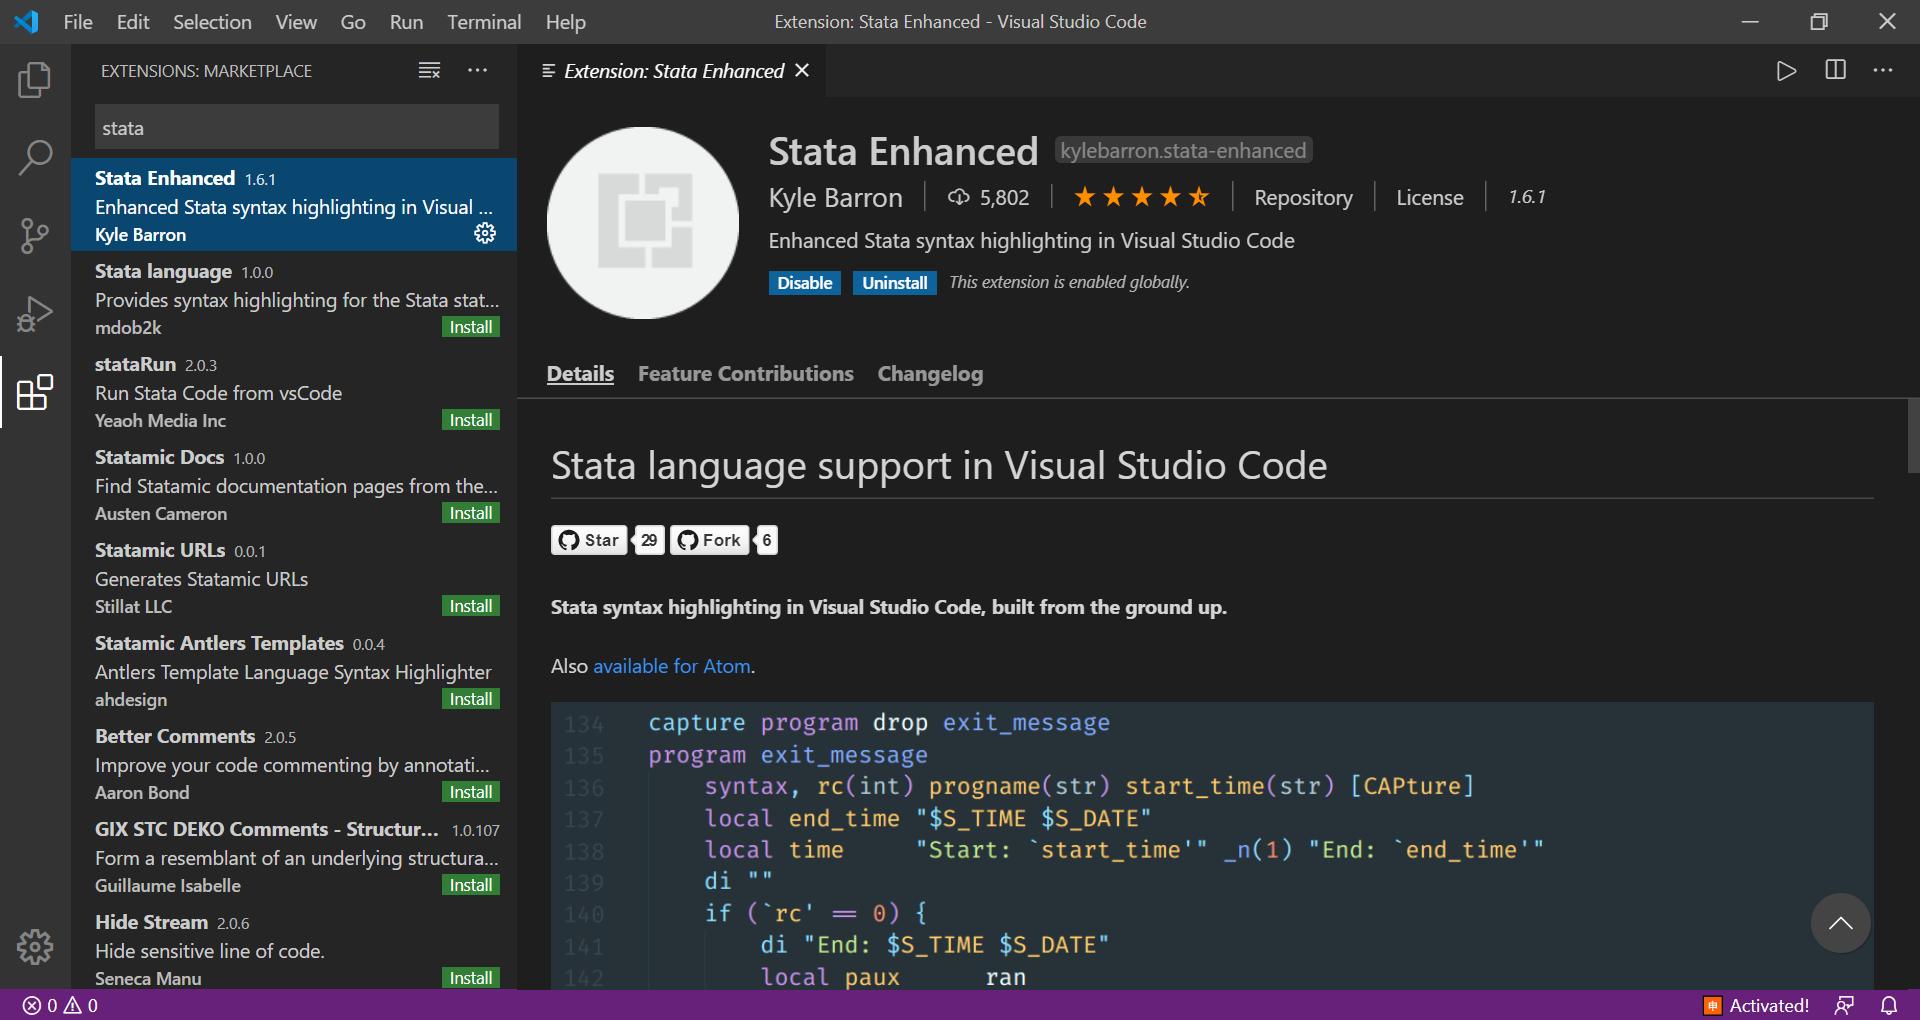 VScode 中的 Stata Enhanced 插件